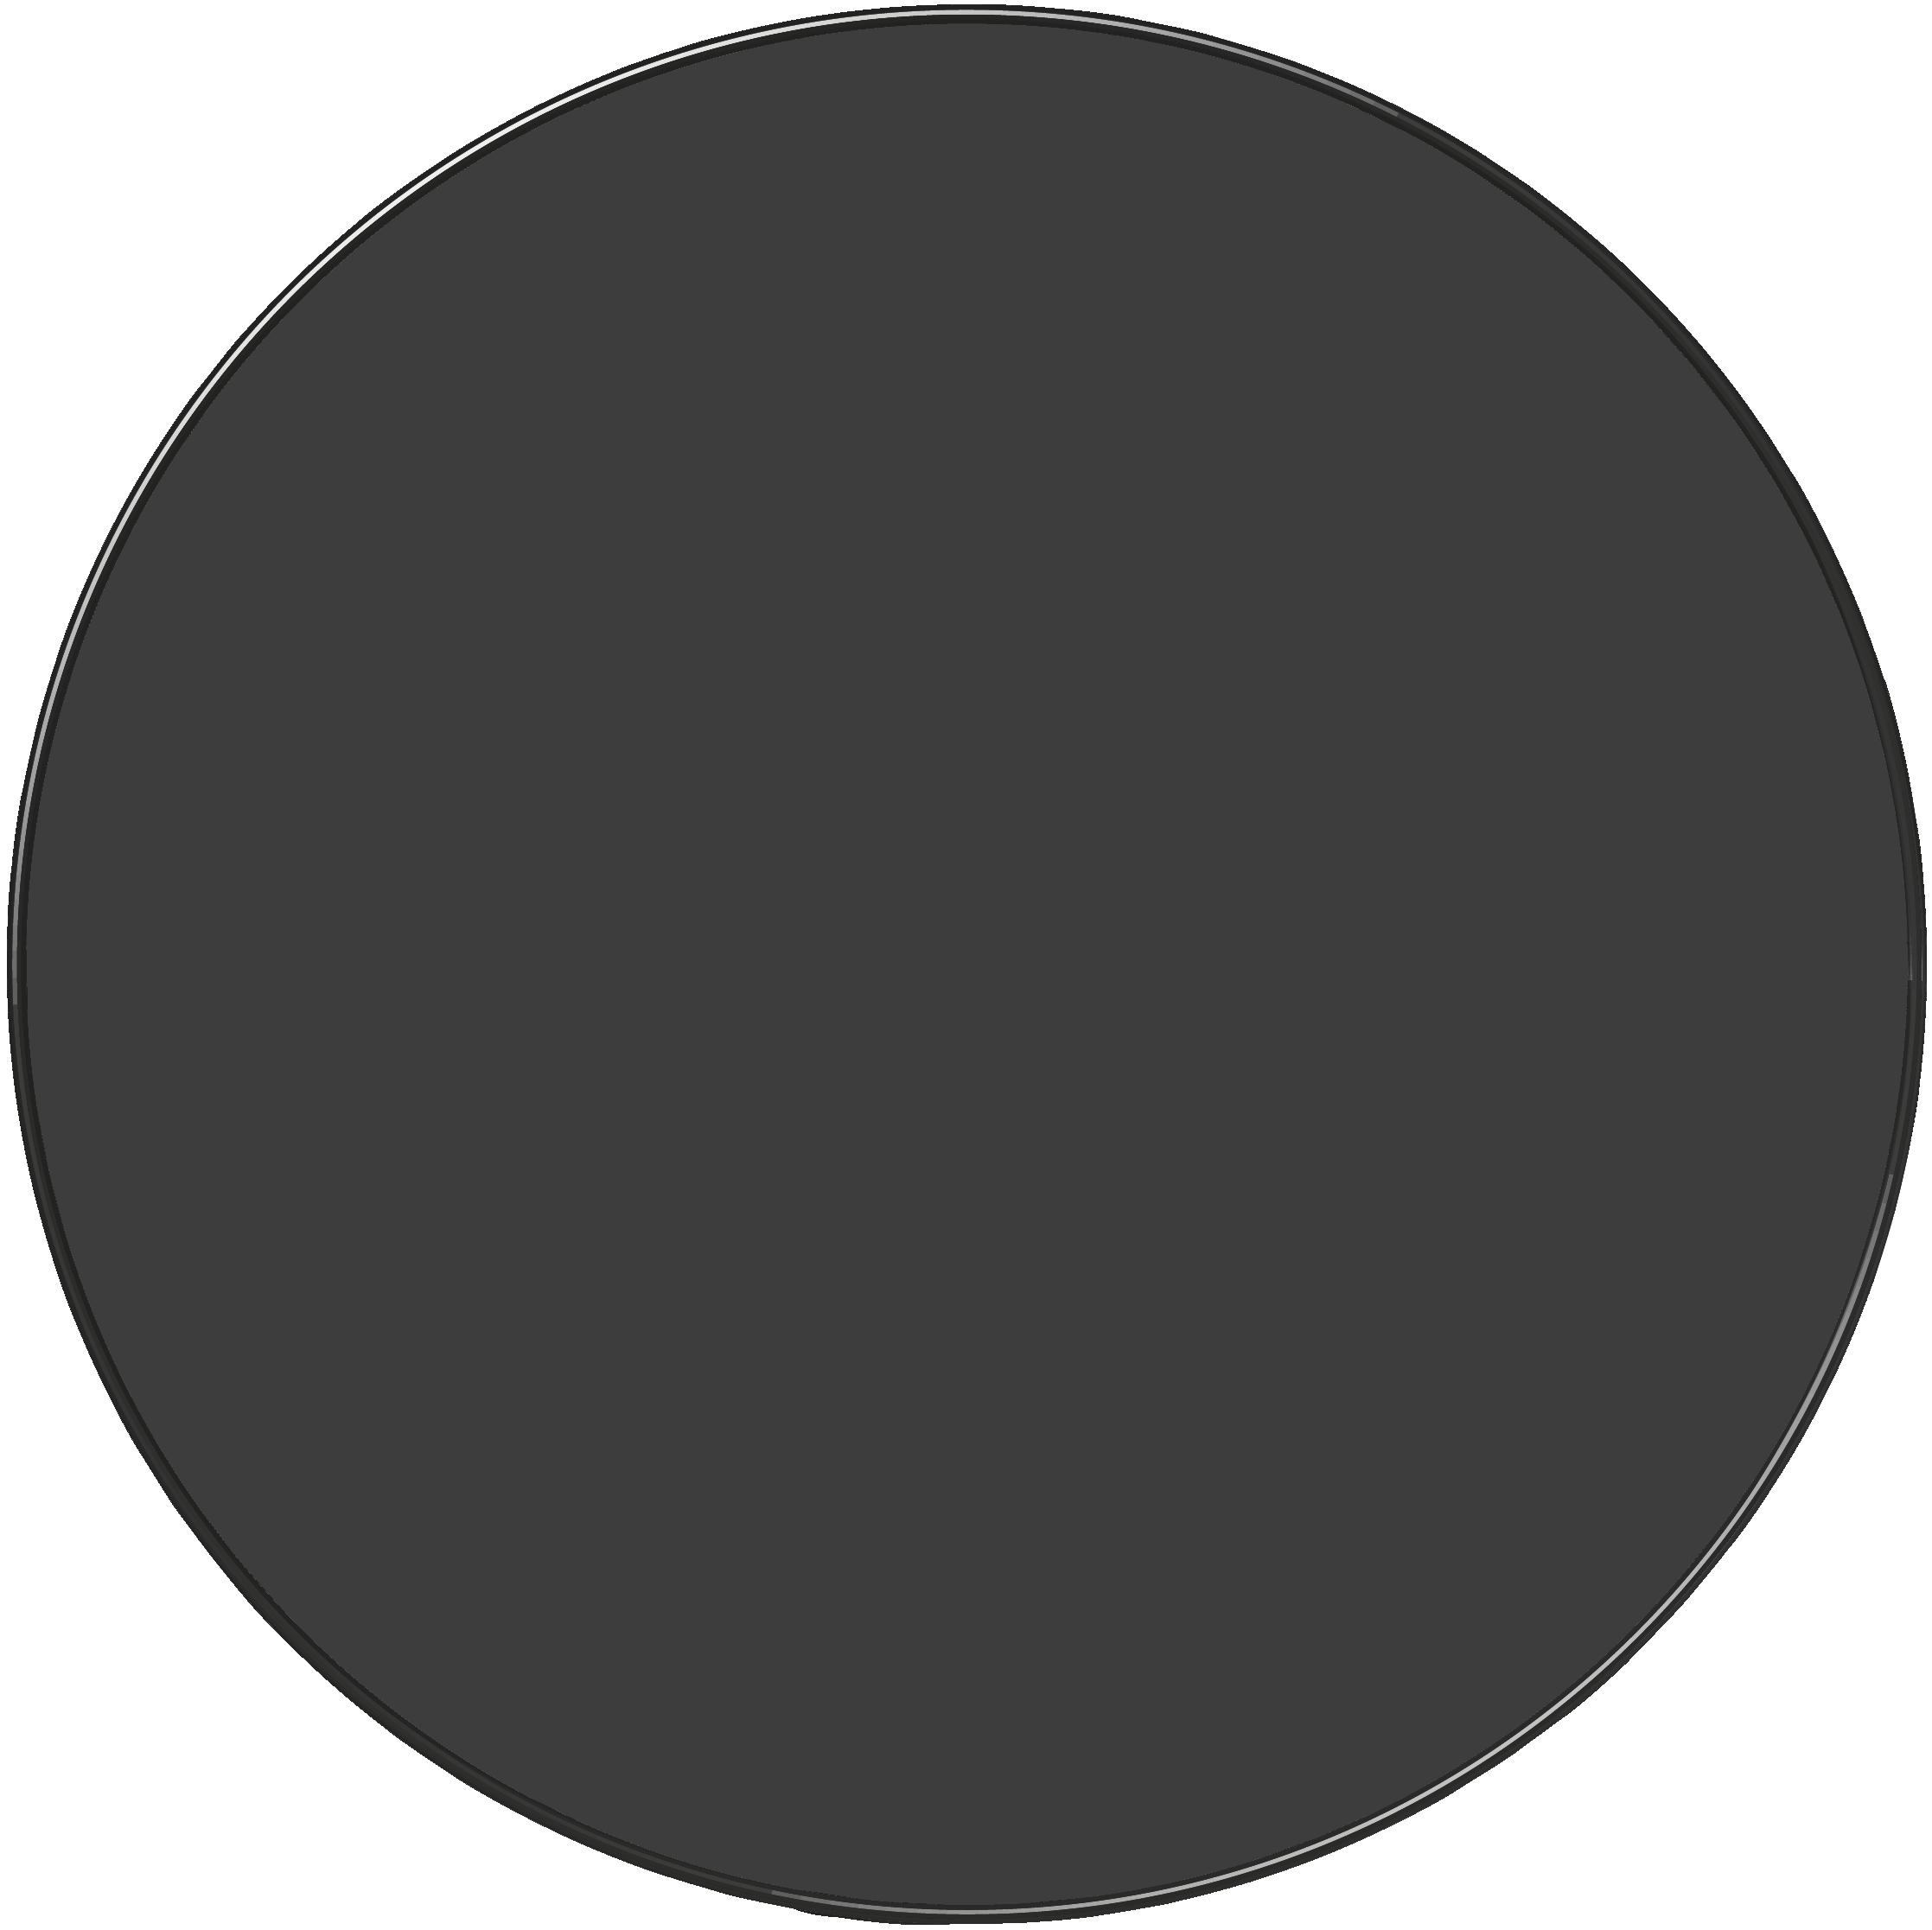 Plat rond 32 cm - MONOCHROMANIA